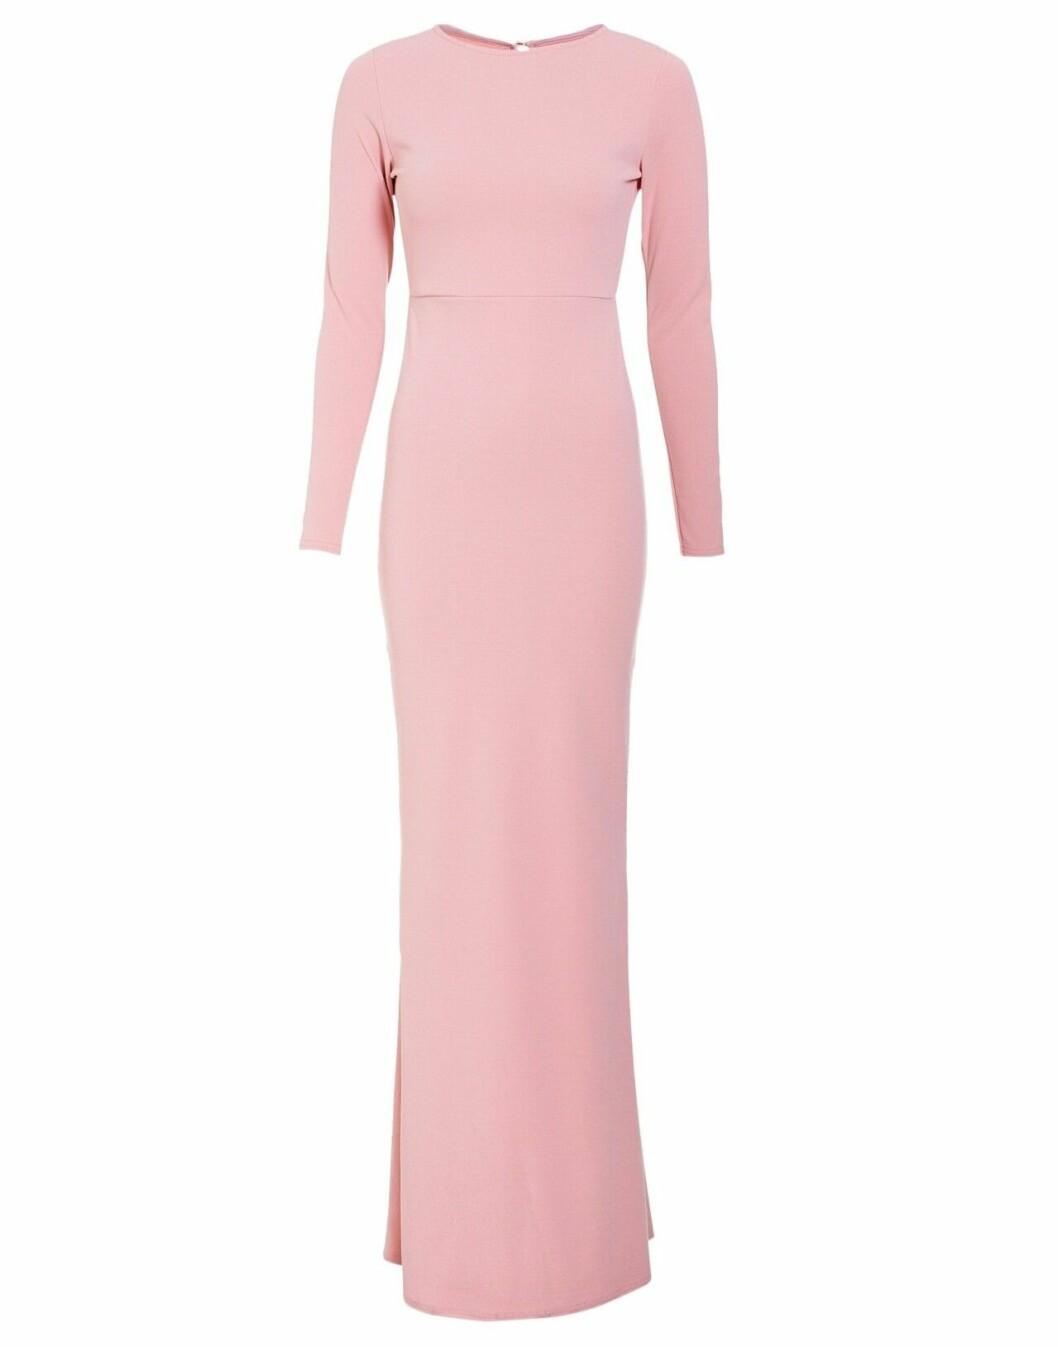 Rosa maxiklänning till sommaren 2019